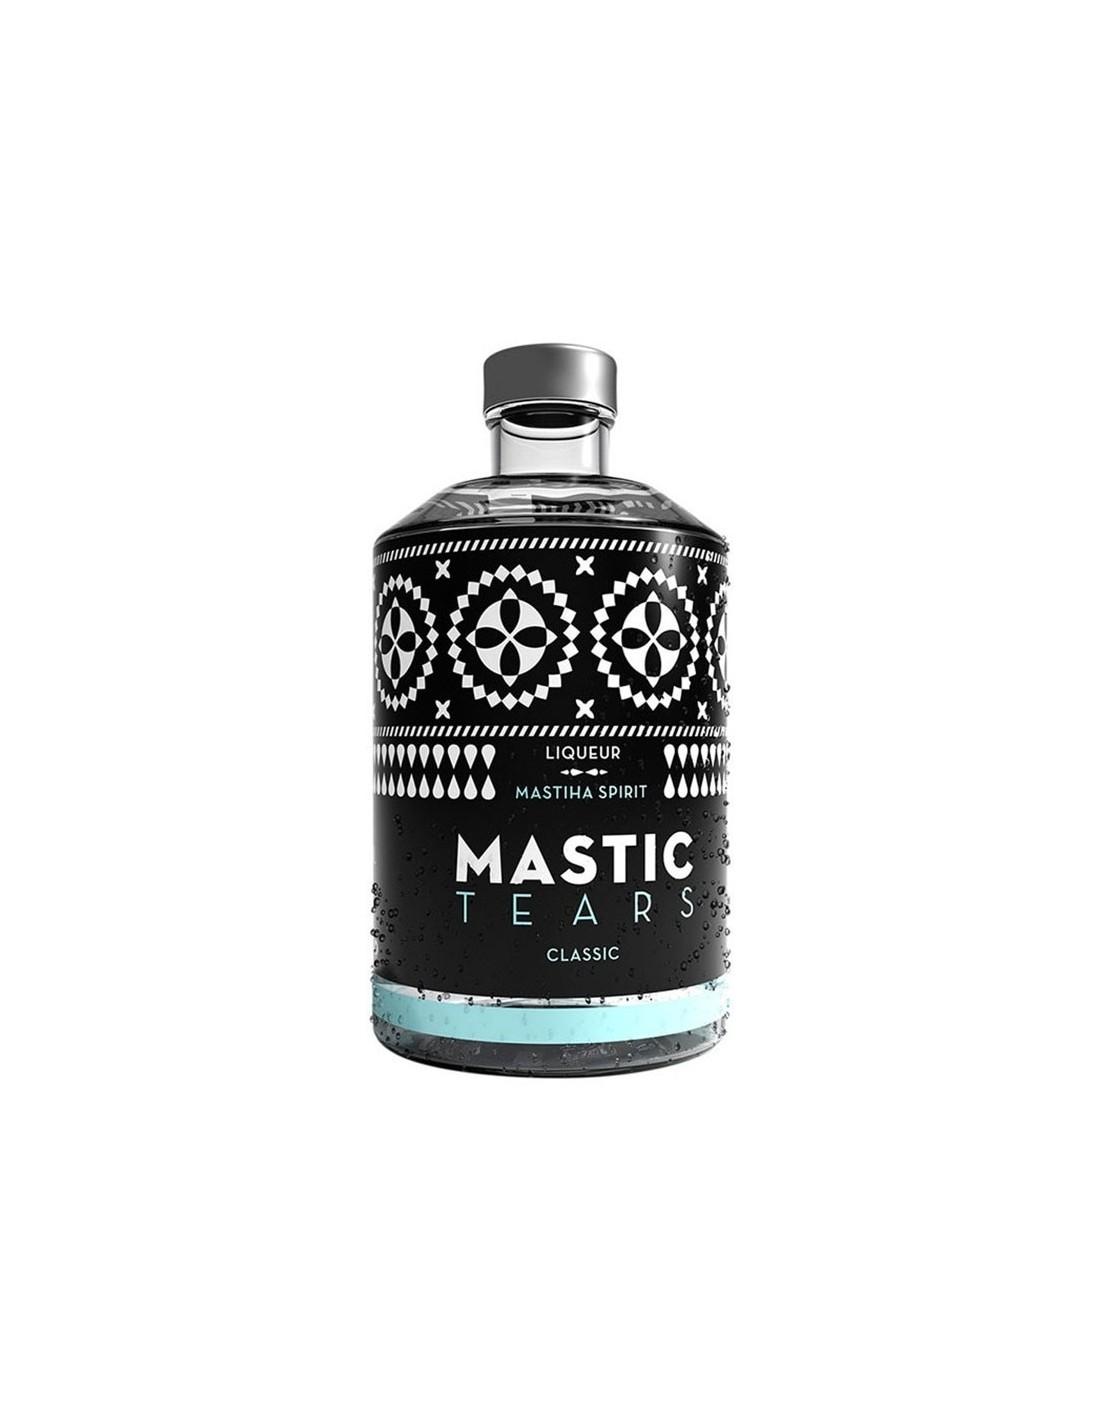 Lichior Mastic Tears Clasic 24% alc., 0.5L, Grecia